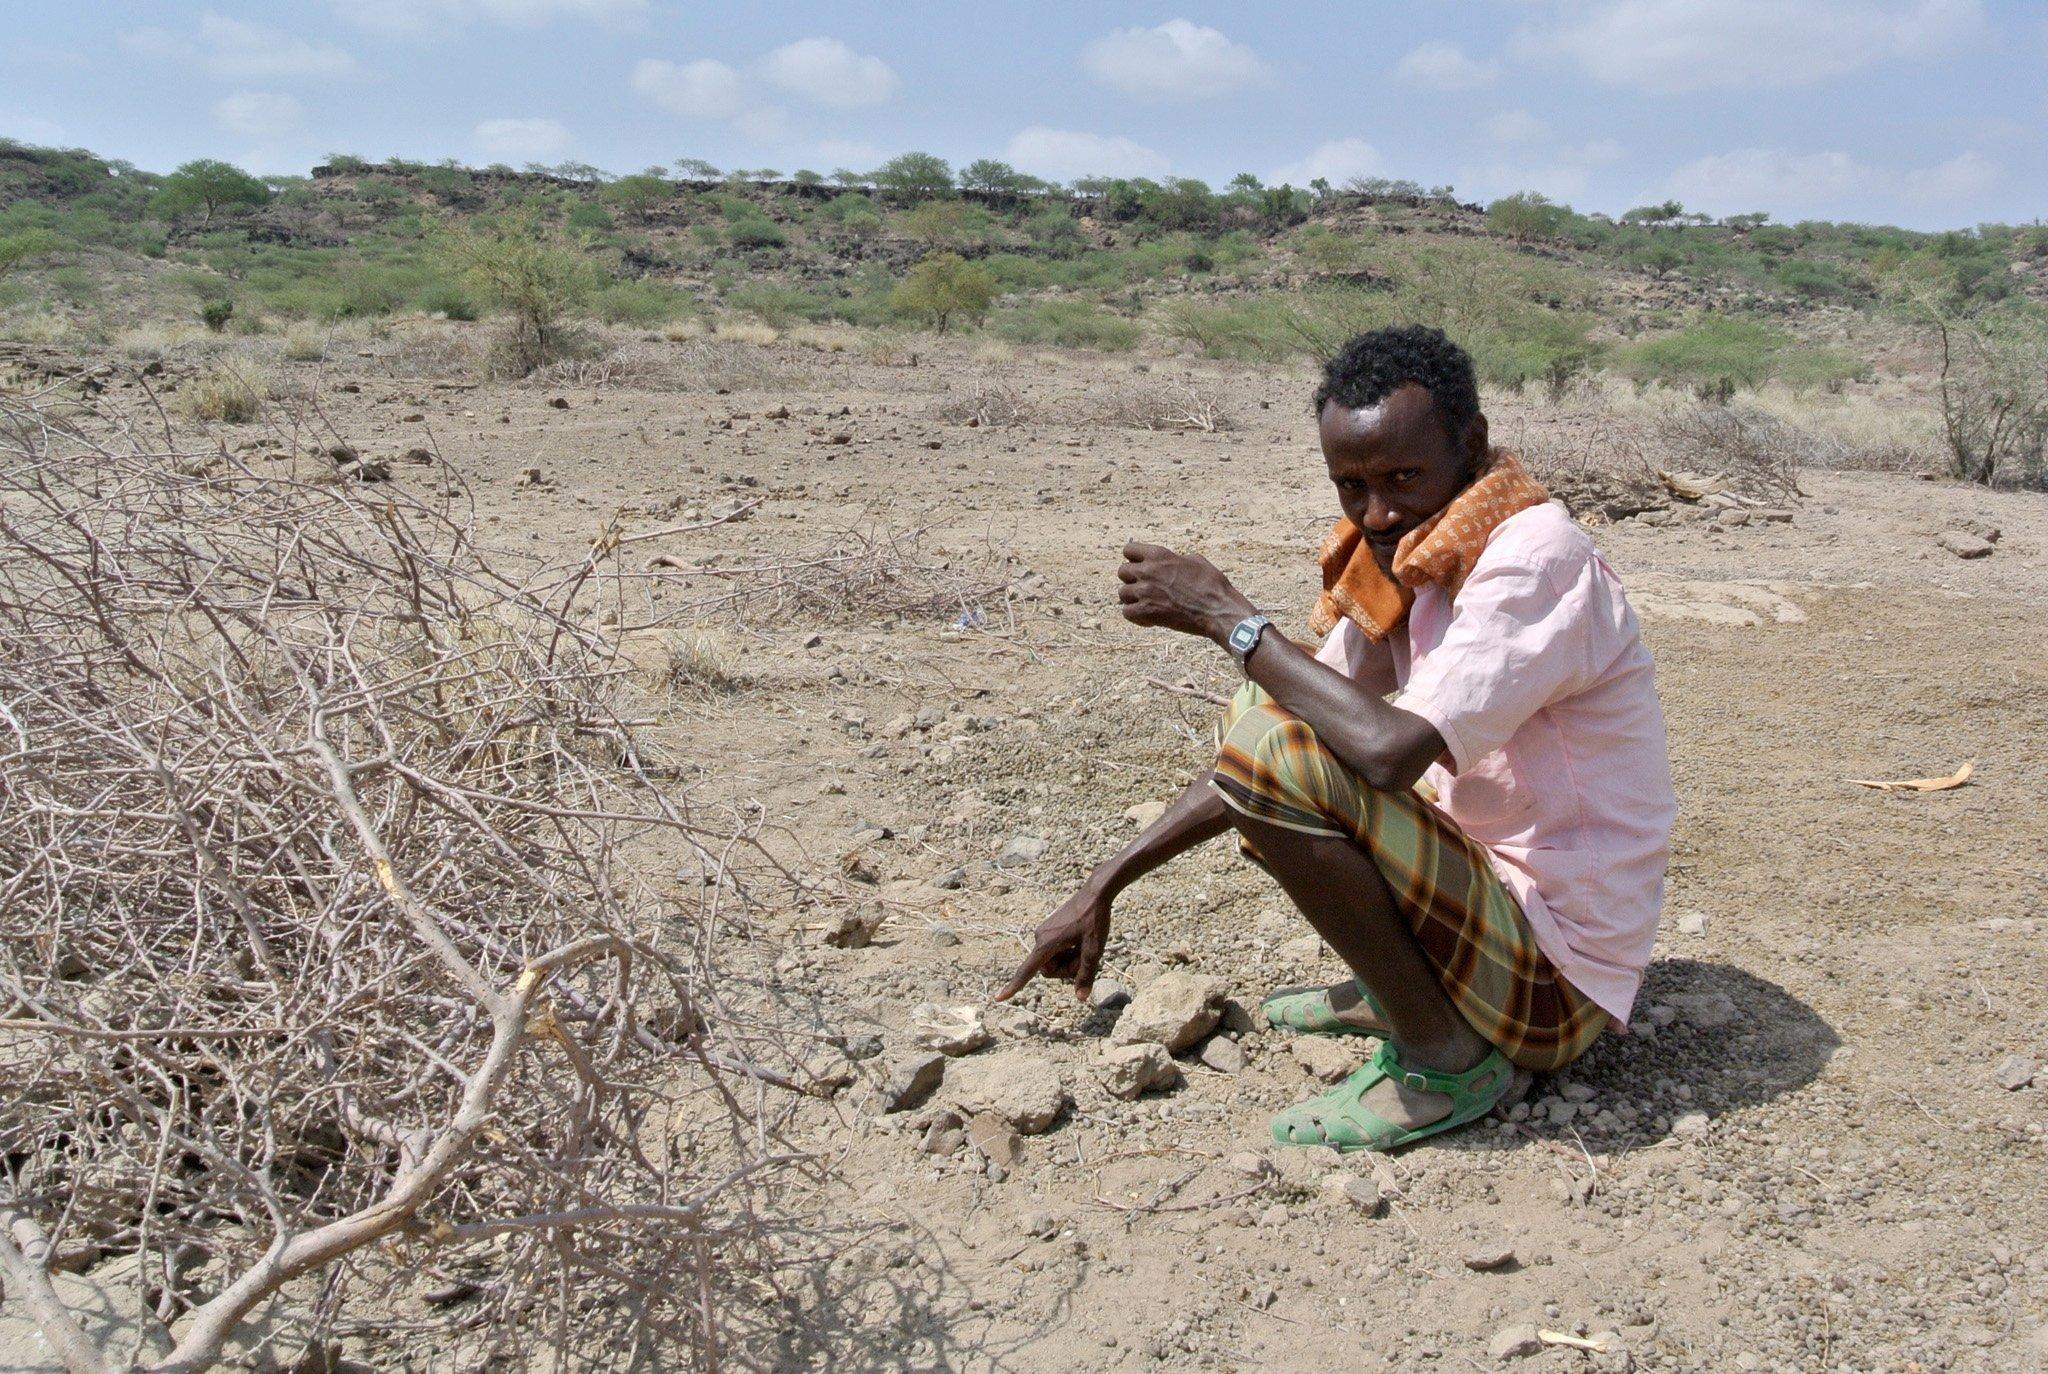 Das Foto zeigt Team-Mitglied Ali Bereino, der  in der äthiopischen Afar-Wüste neben der Fundstelle in Miro Dora hockt und auf einen fossilen Oberkiefer zeigt, den er im Wüstensand entdeckt hat. Später stellt sich heraus, dass hier der komplette Schädel eines Australopithecus anamensis liegt